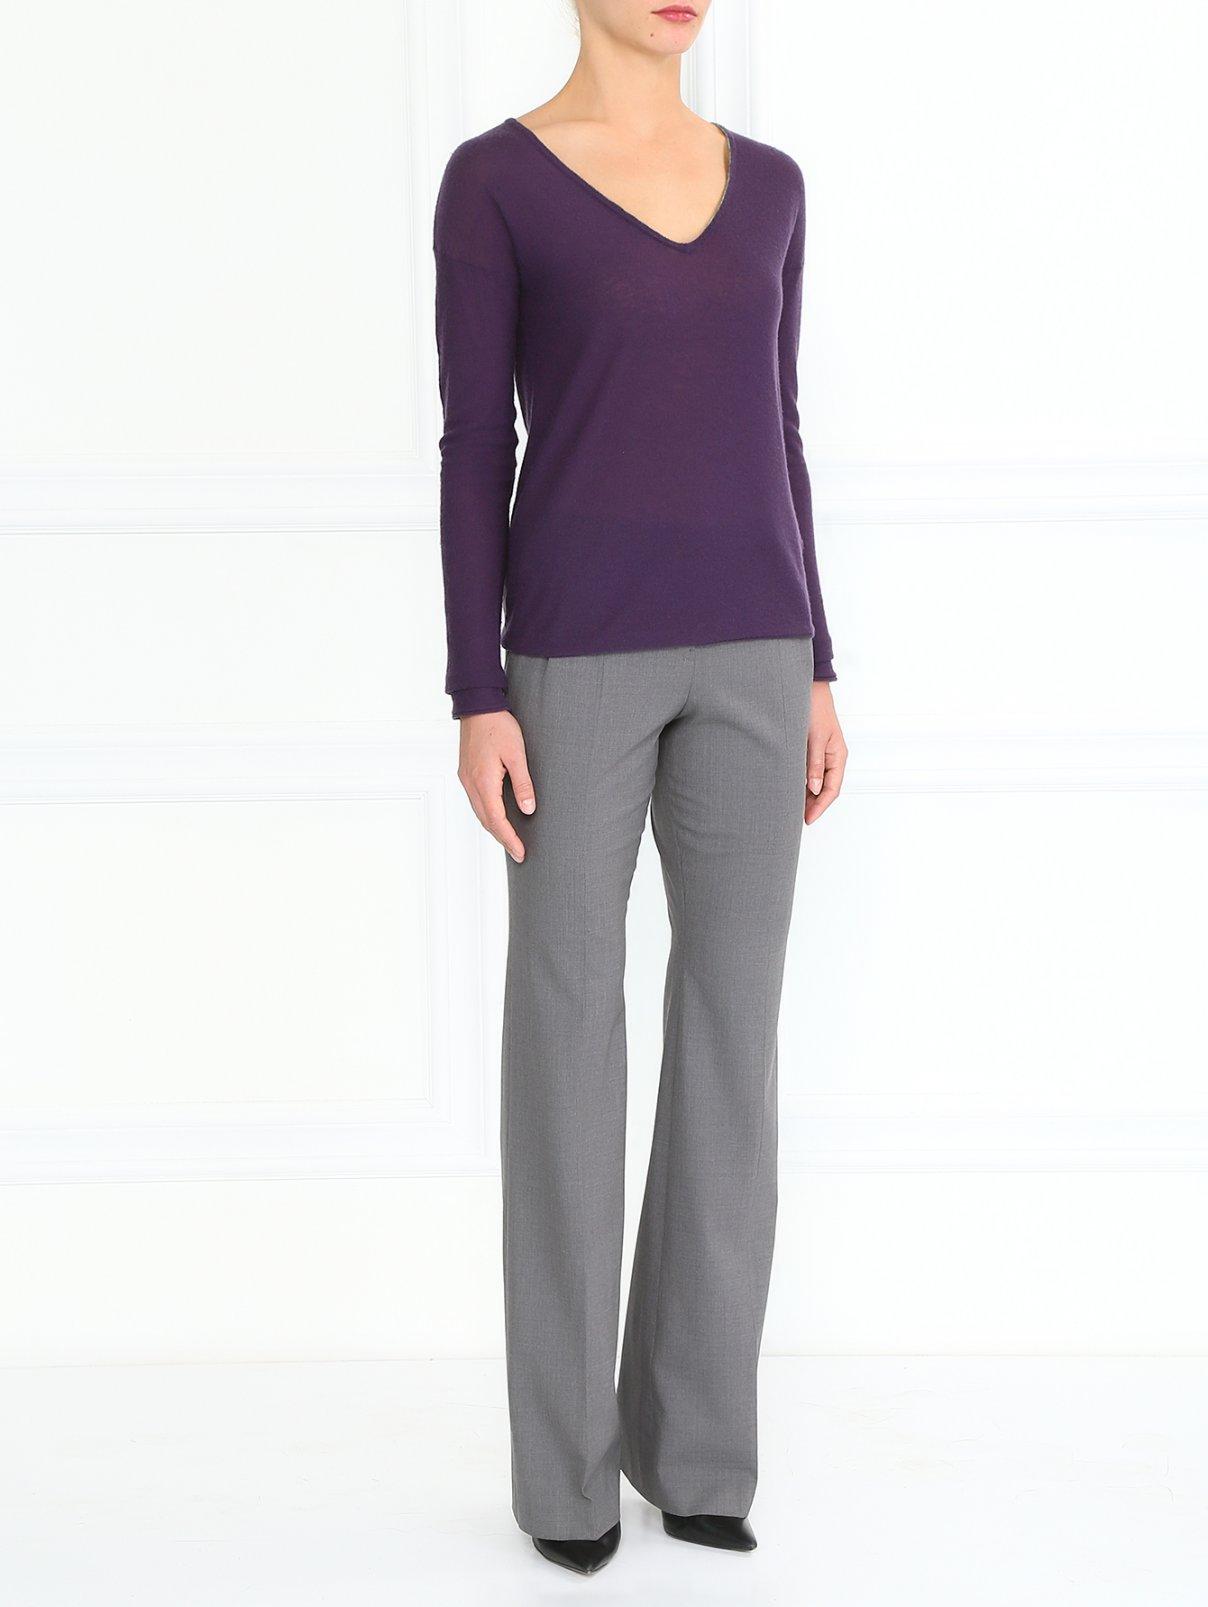 Шерстяные брюки с боковыми карманами Jil Sander  –  Модель Общий вид